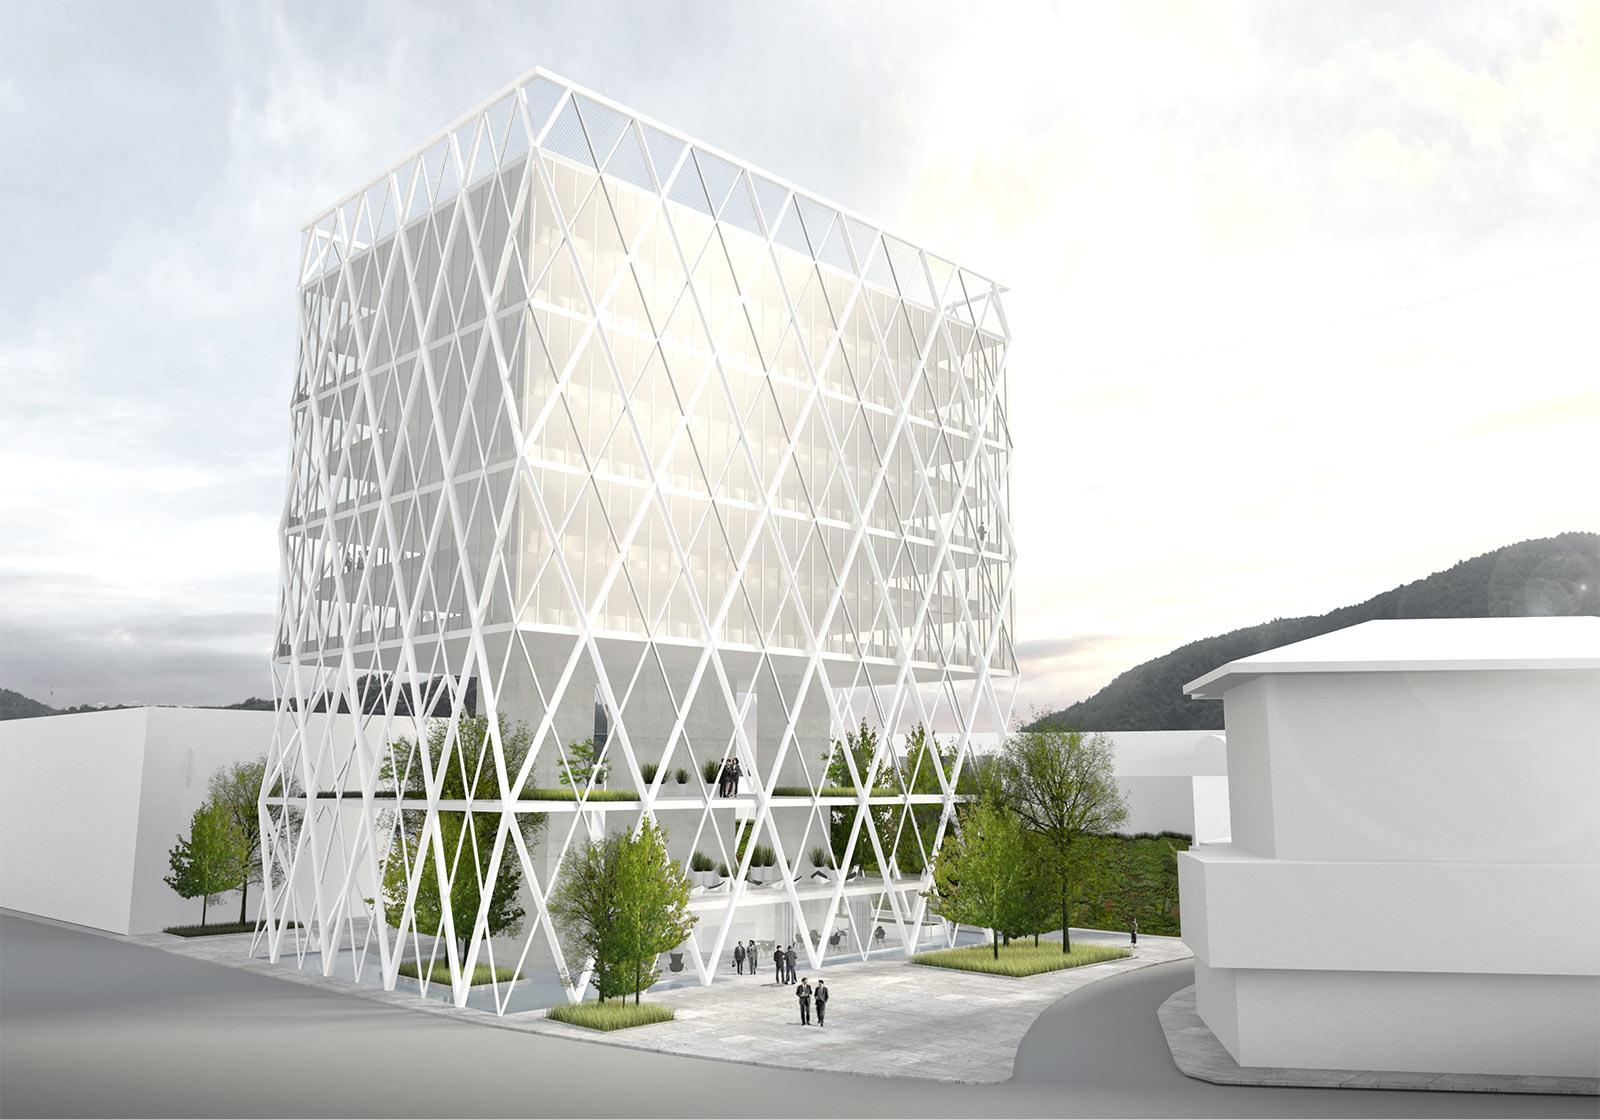 У офисного здания гибкая планировка, оно спроектировано без колонн. Визуализация: ATP